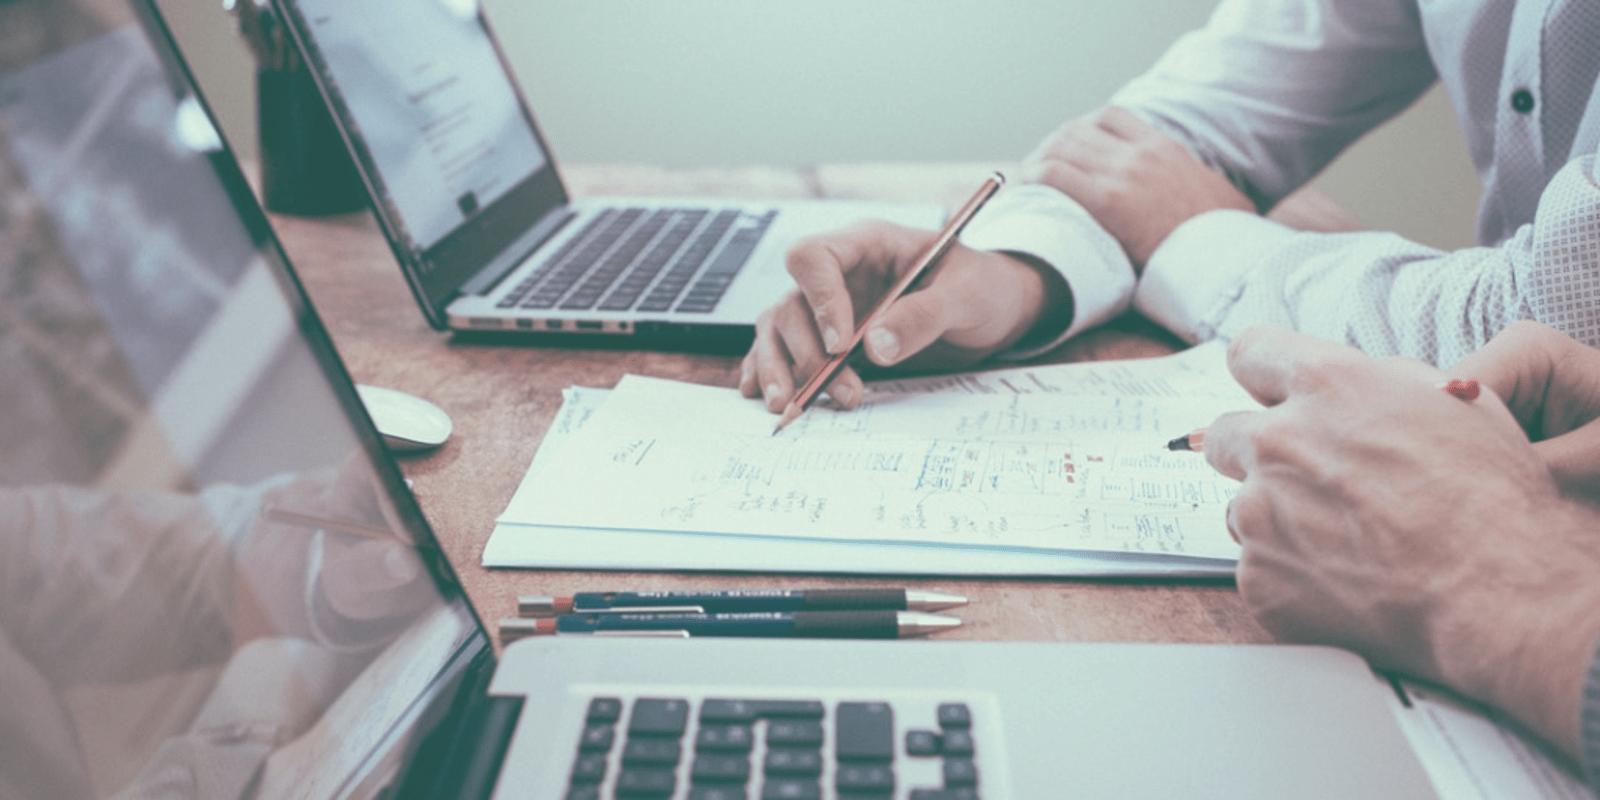 sis-accounting-software-min